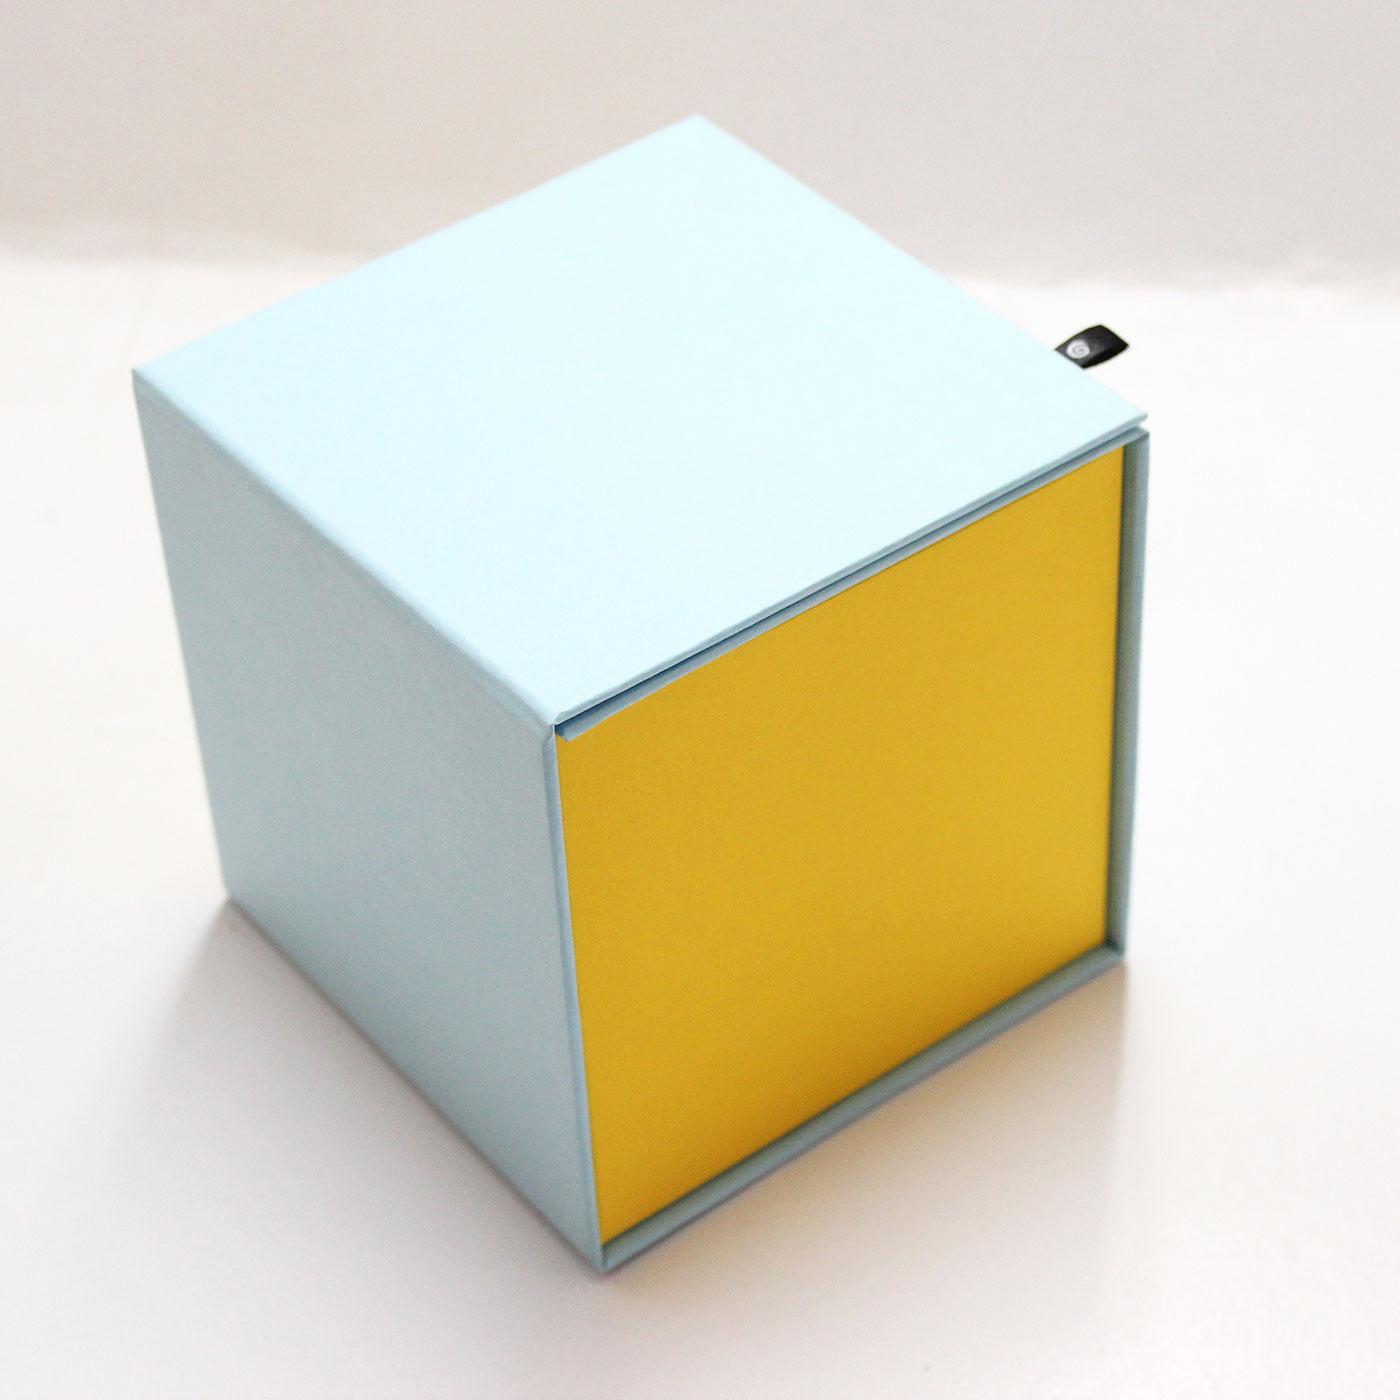 Стильная упаковка в виде кубика